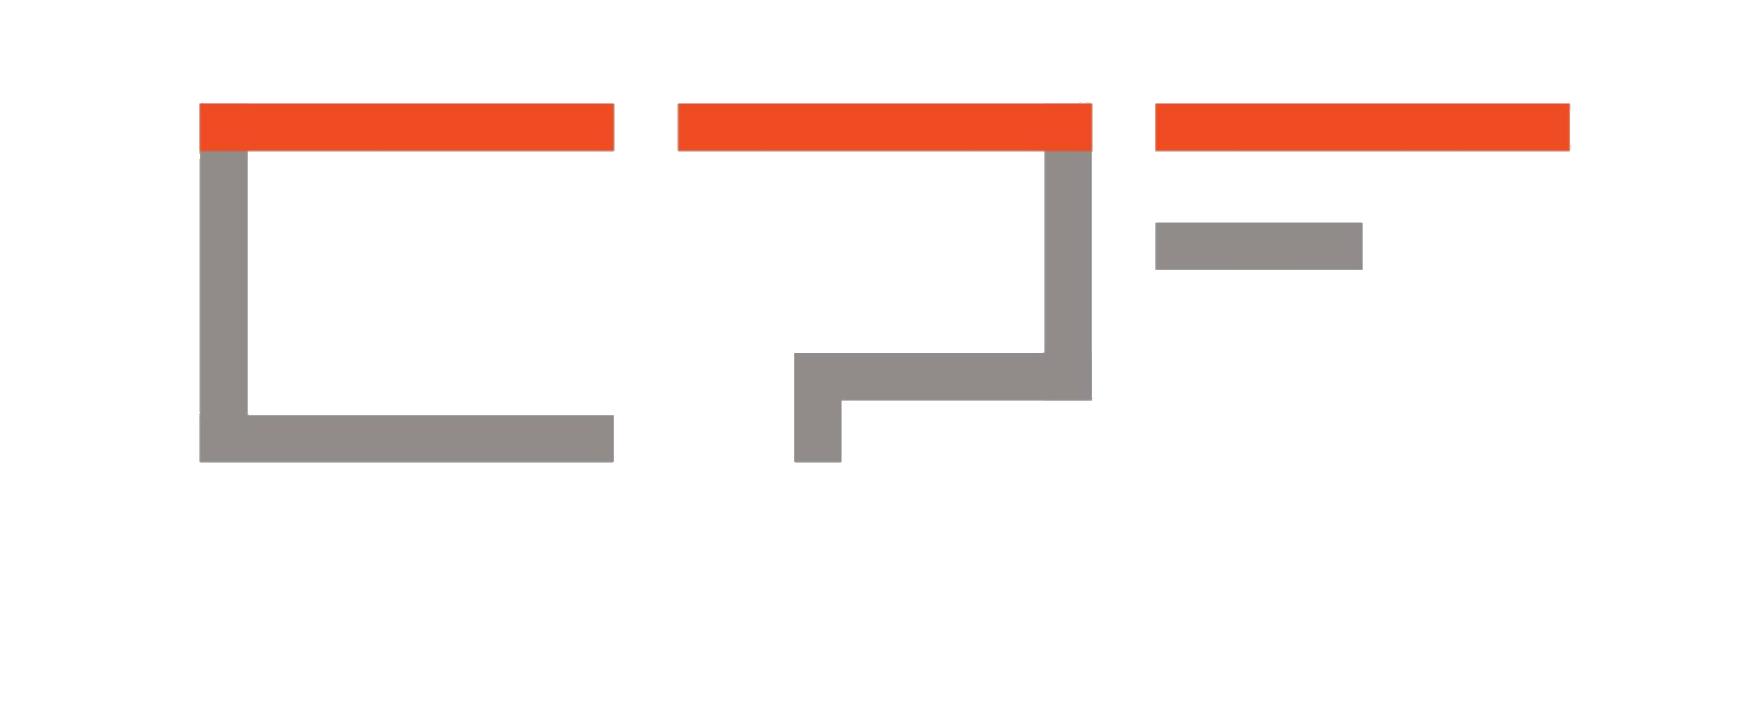 CPFormatio logo site header